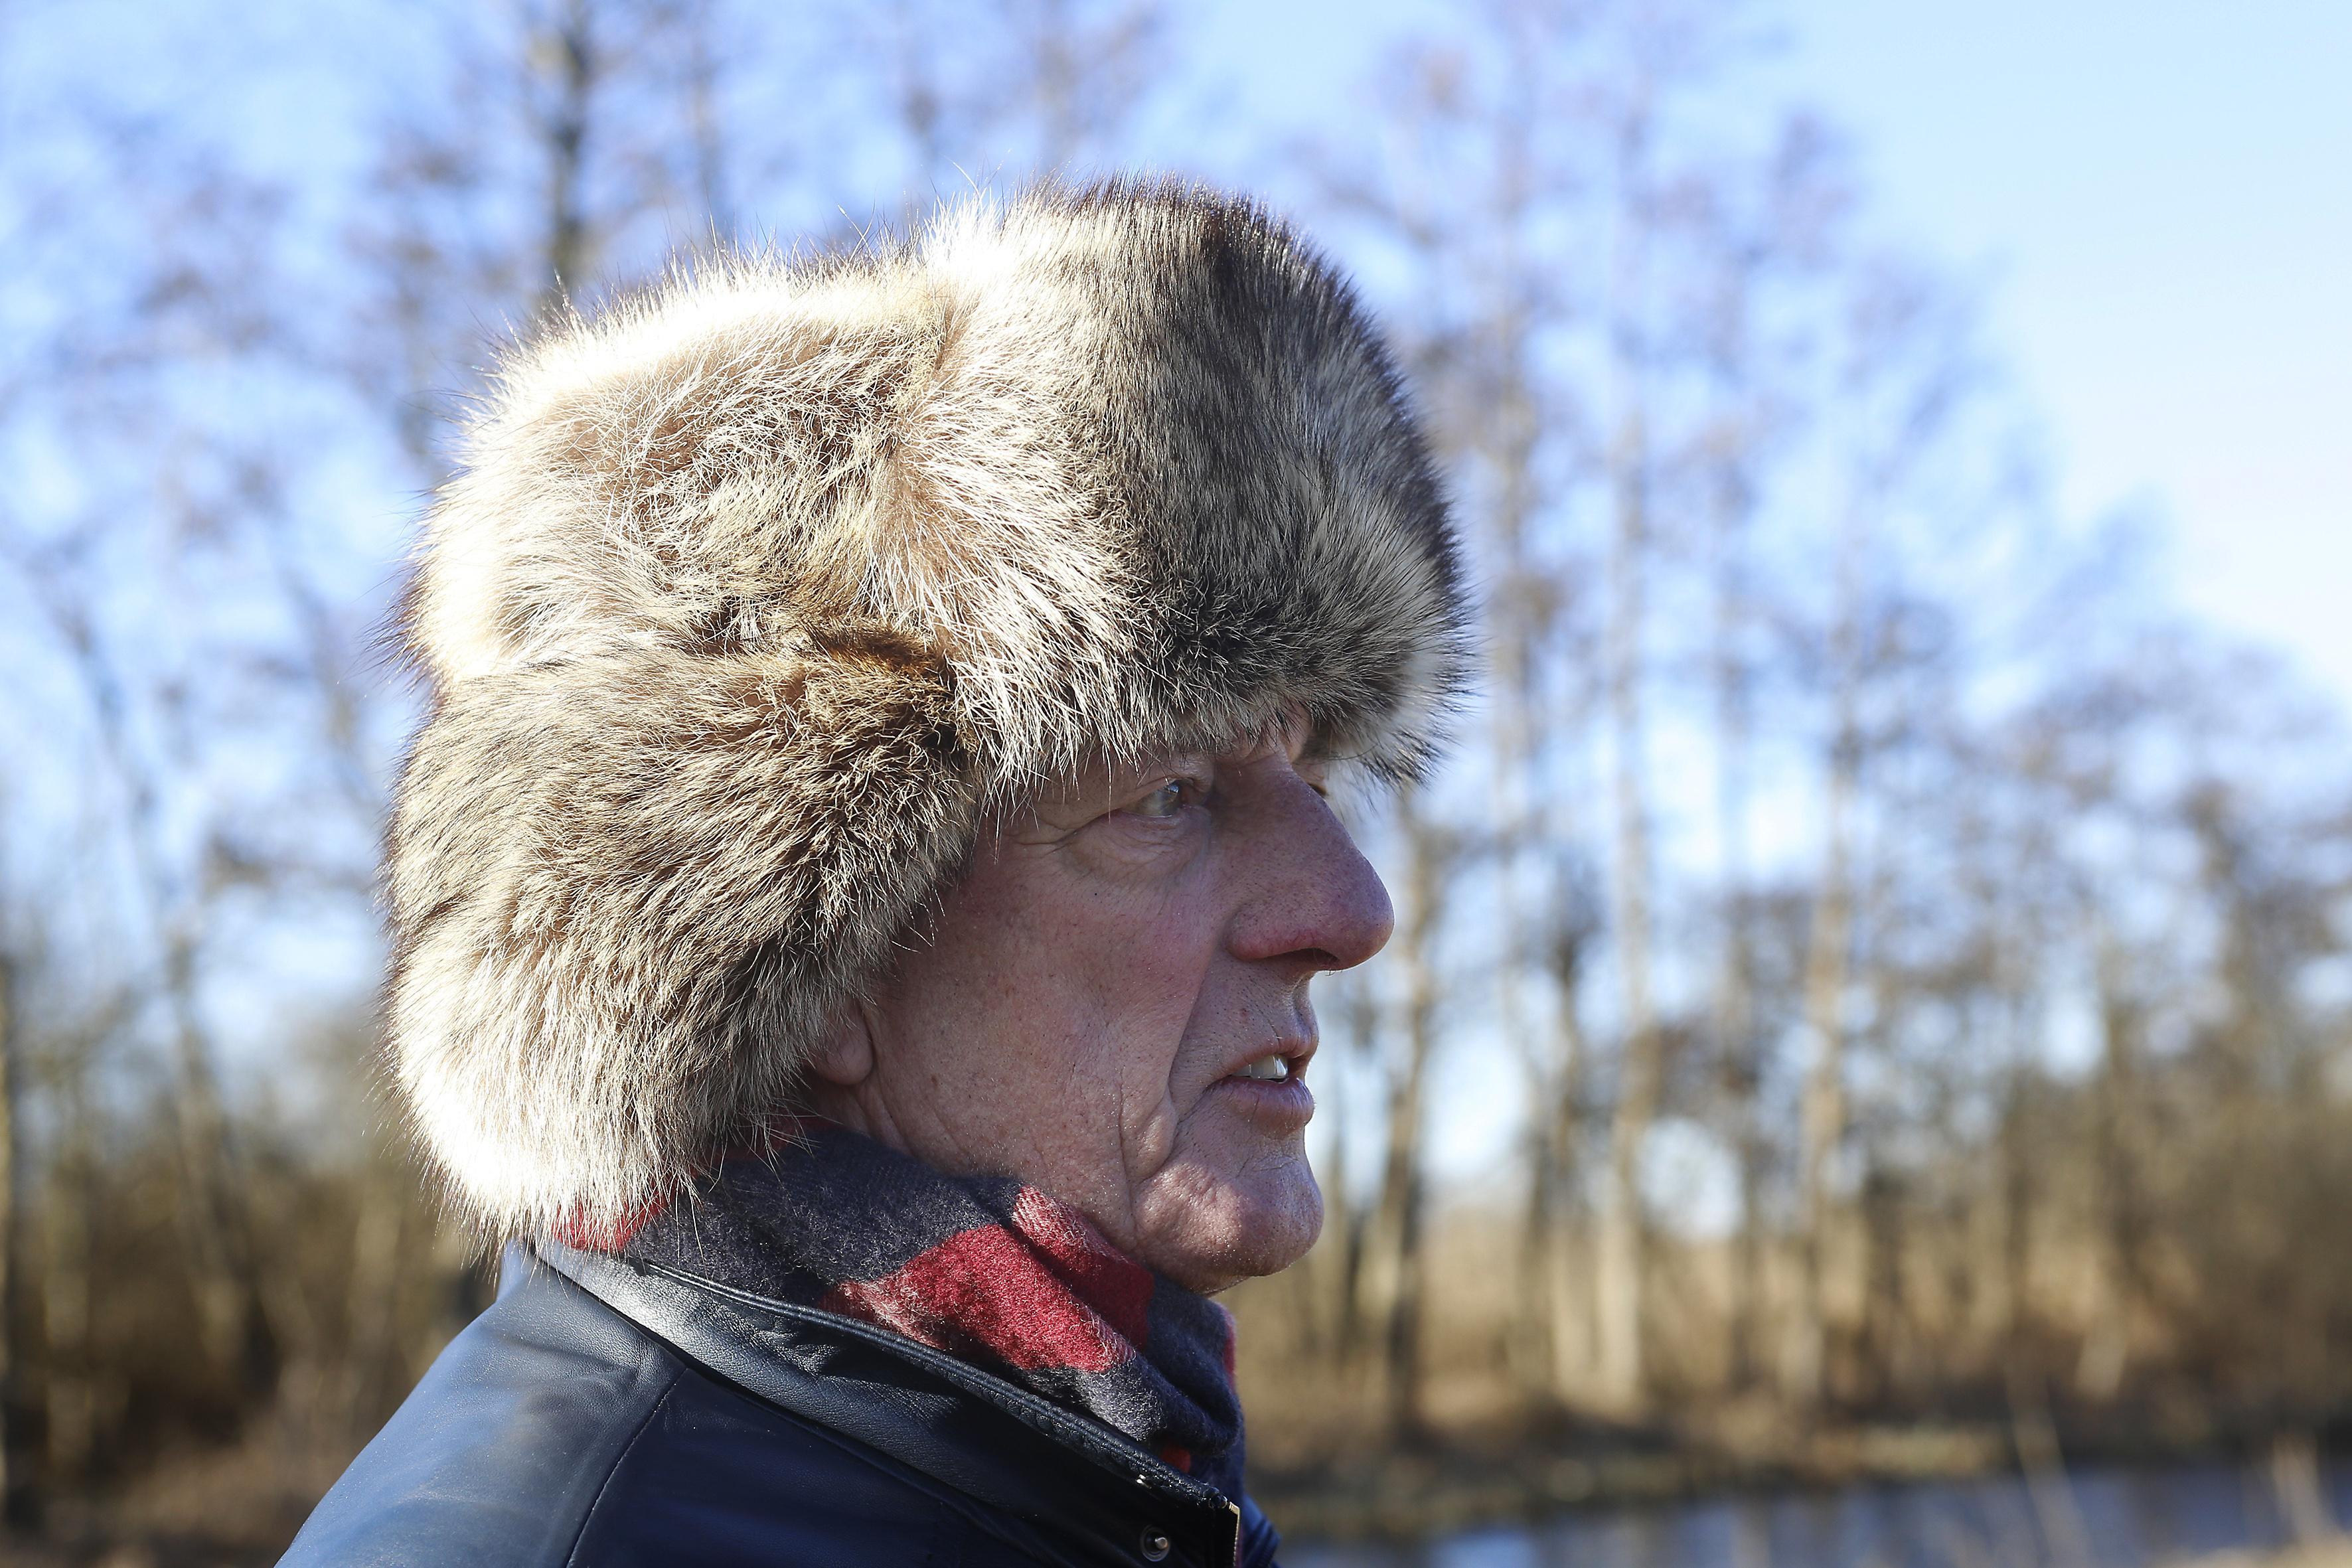 'Twee weken vorst met súperijs', aldus de prognose van Kortenhoefs weeramateur Jos Werkhoven